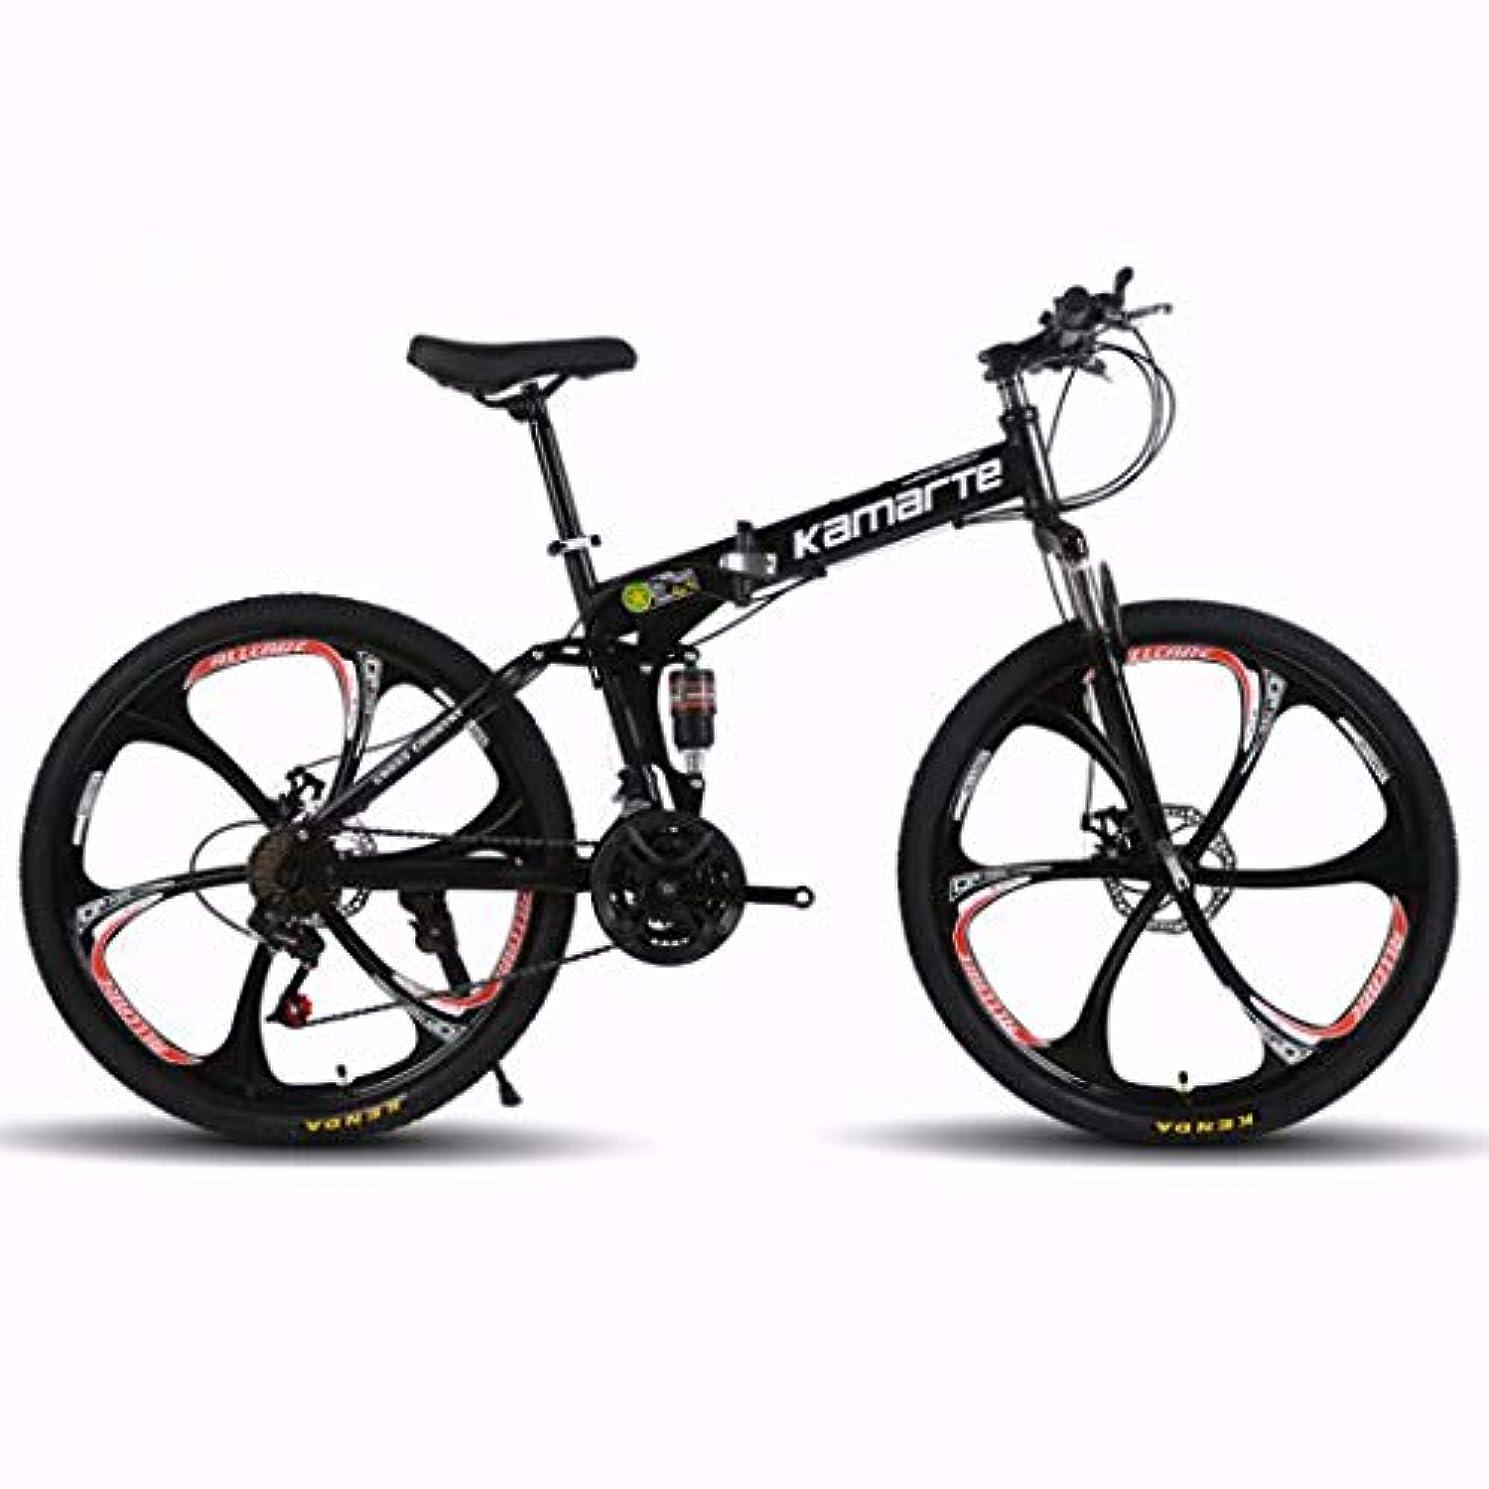 豚肉植物学者粘土折り畳み式マウンテンバイク24/26インチ 6カッターホイール付きMTB自転車、 高炭素鋼のハードテイルマウンテンバイク 衝撃吸収フロントフォークと